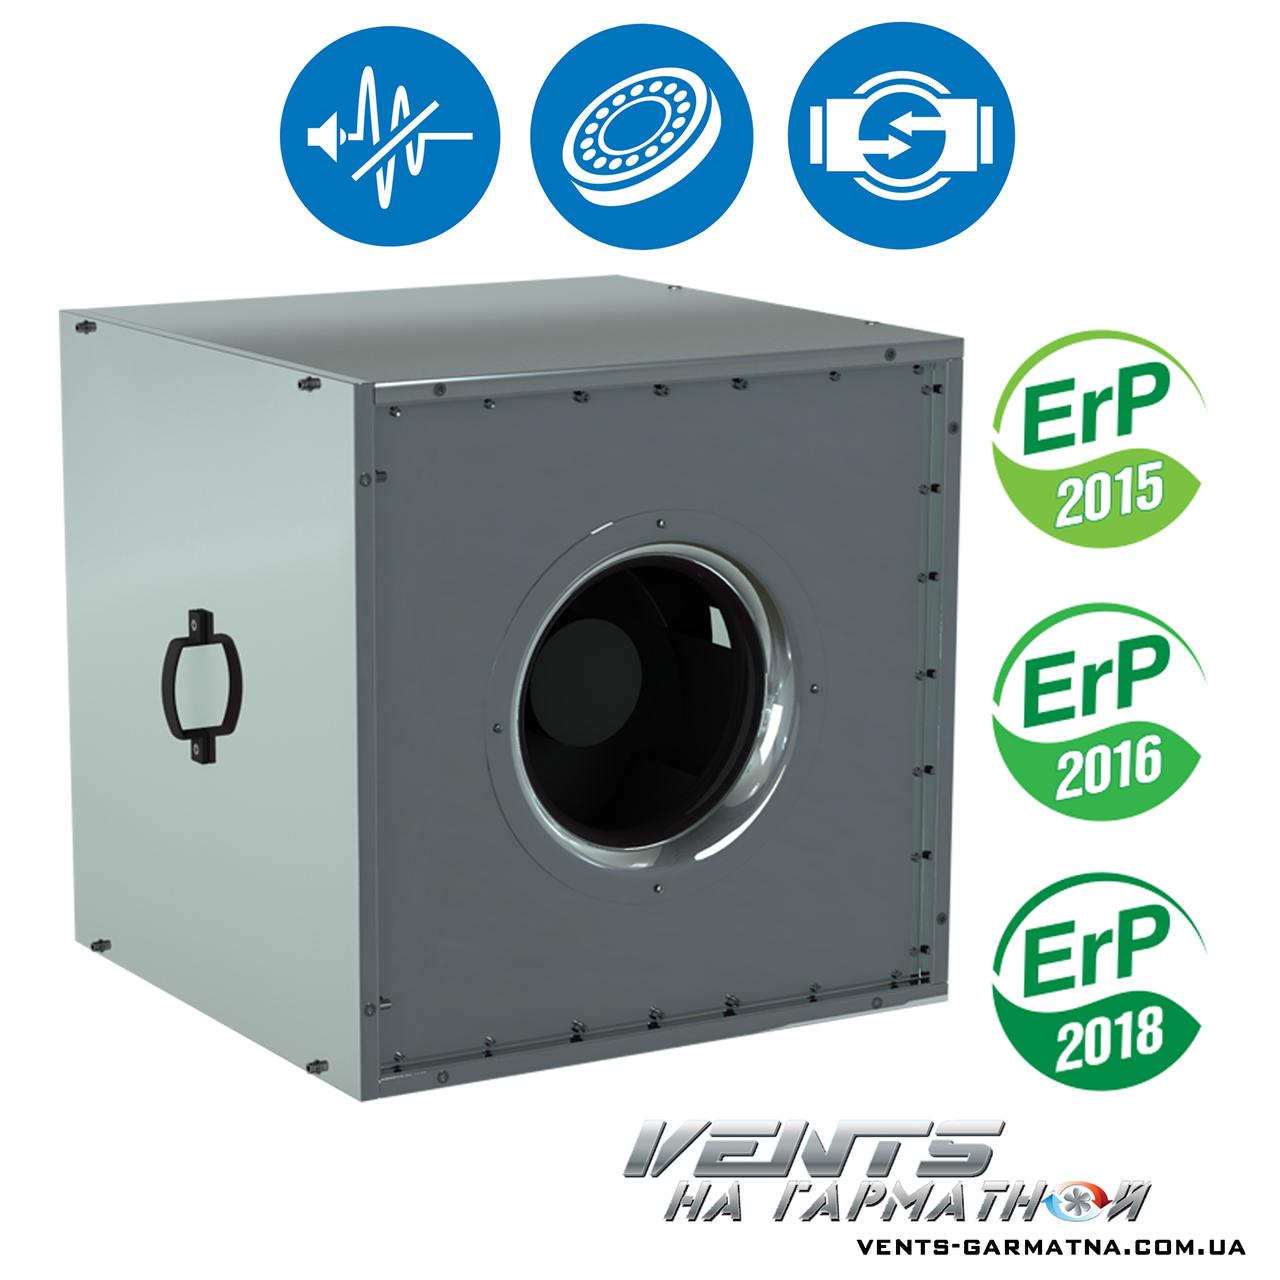 Вентс ВШ 400 4Е. Шумоизолированный вентилятор